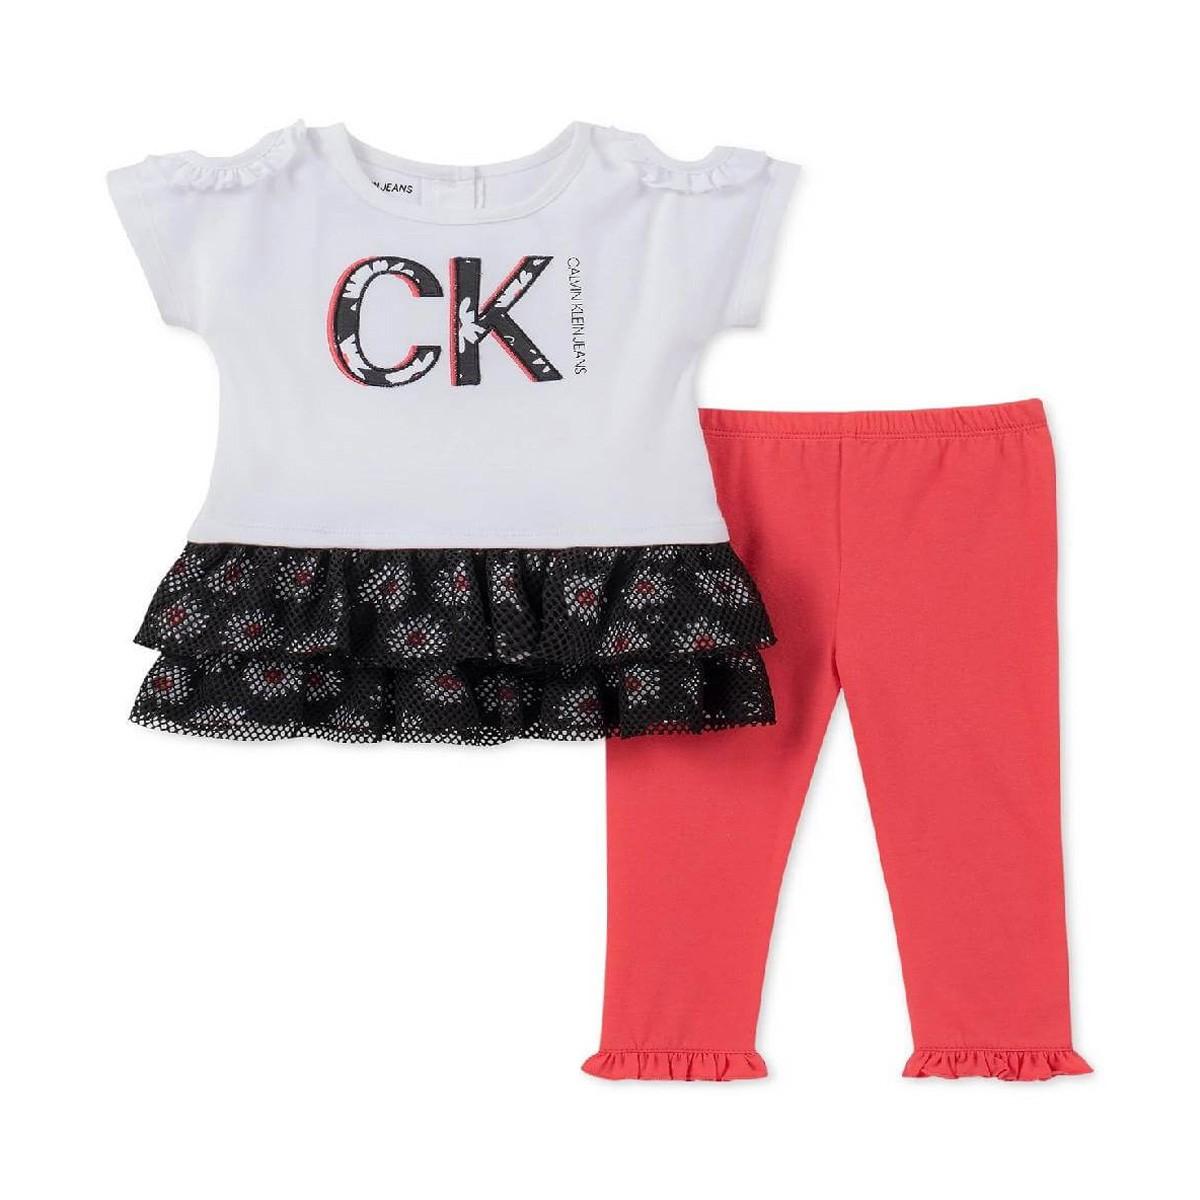 Conjunto 2 Peças Calvin Klein Menina- Tamanho 18 Meses